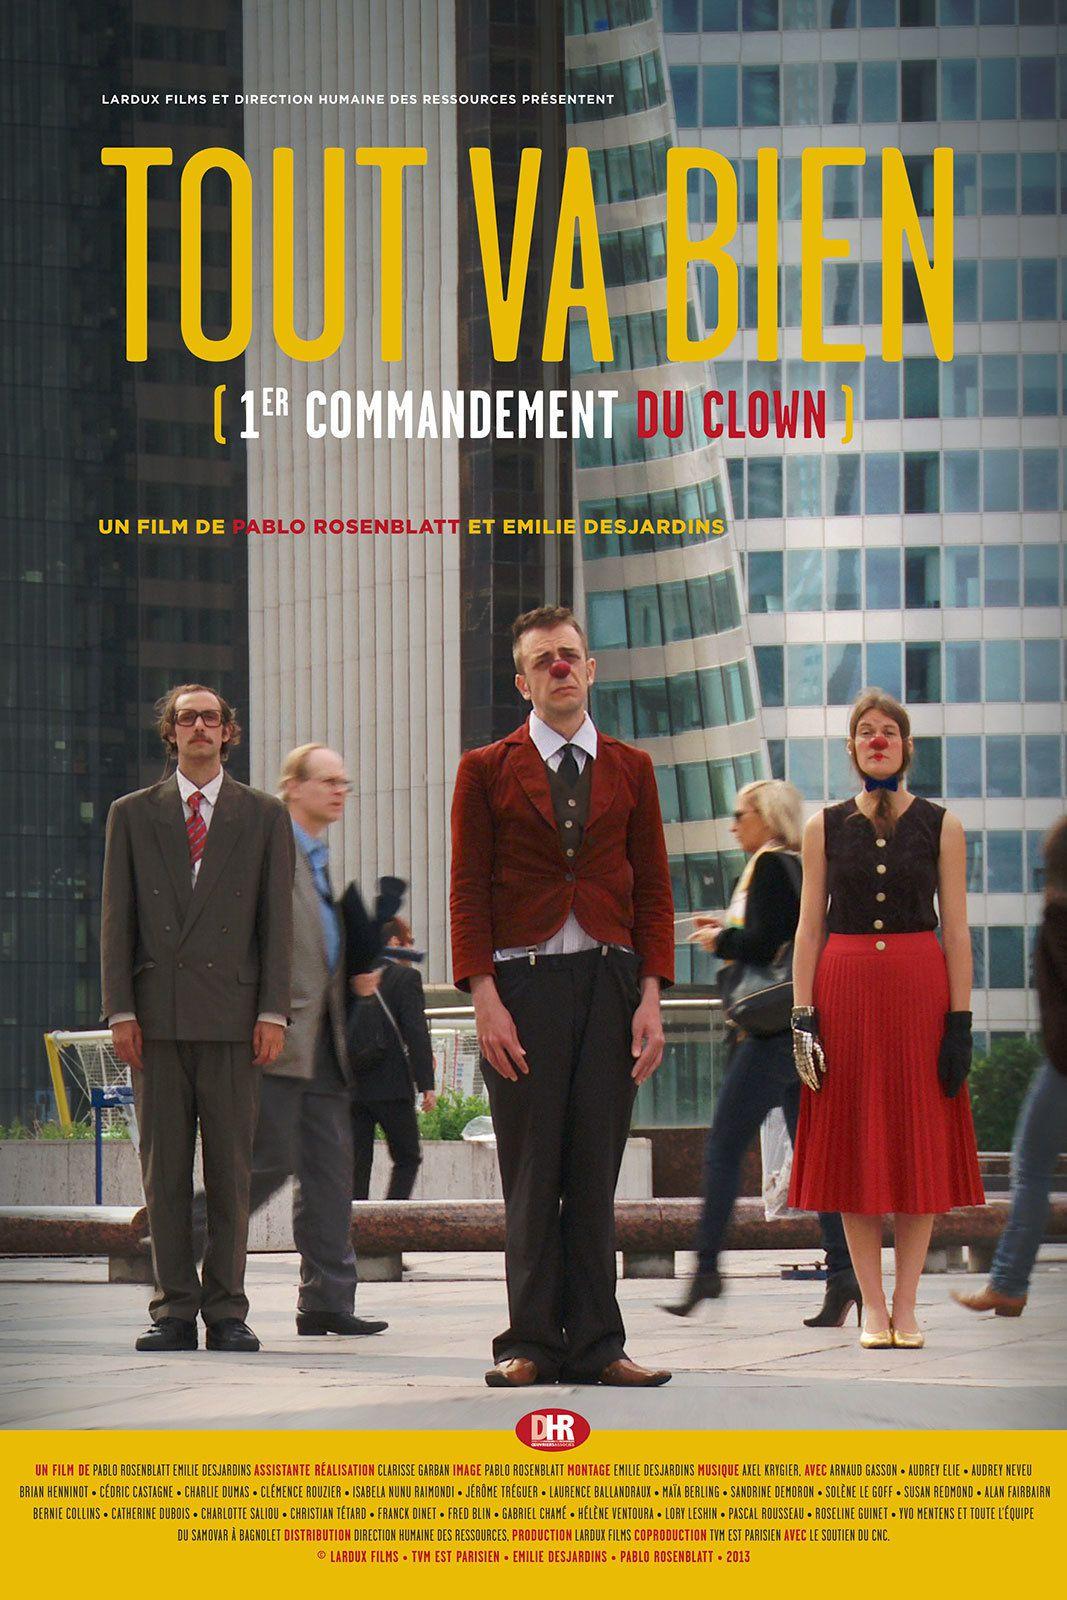 Tout va bien - 1er commandement du clown - Documentaire (2014)